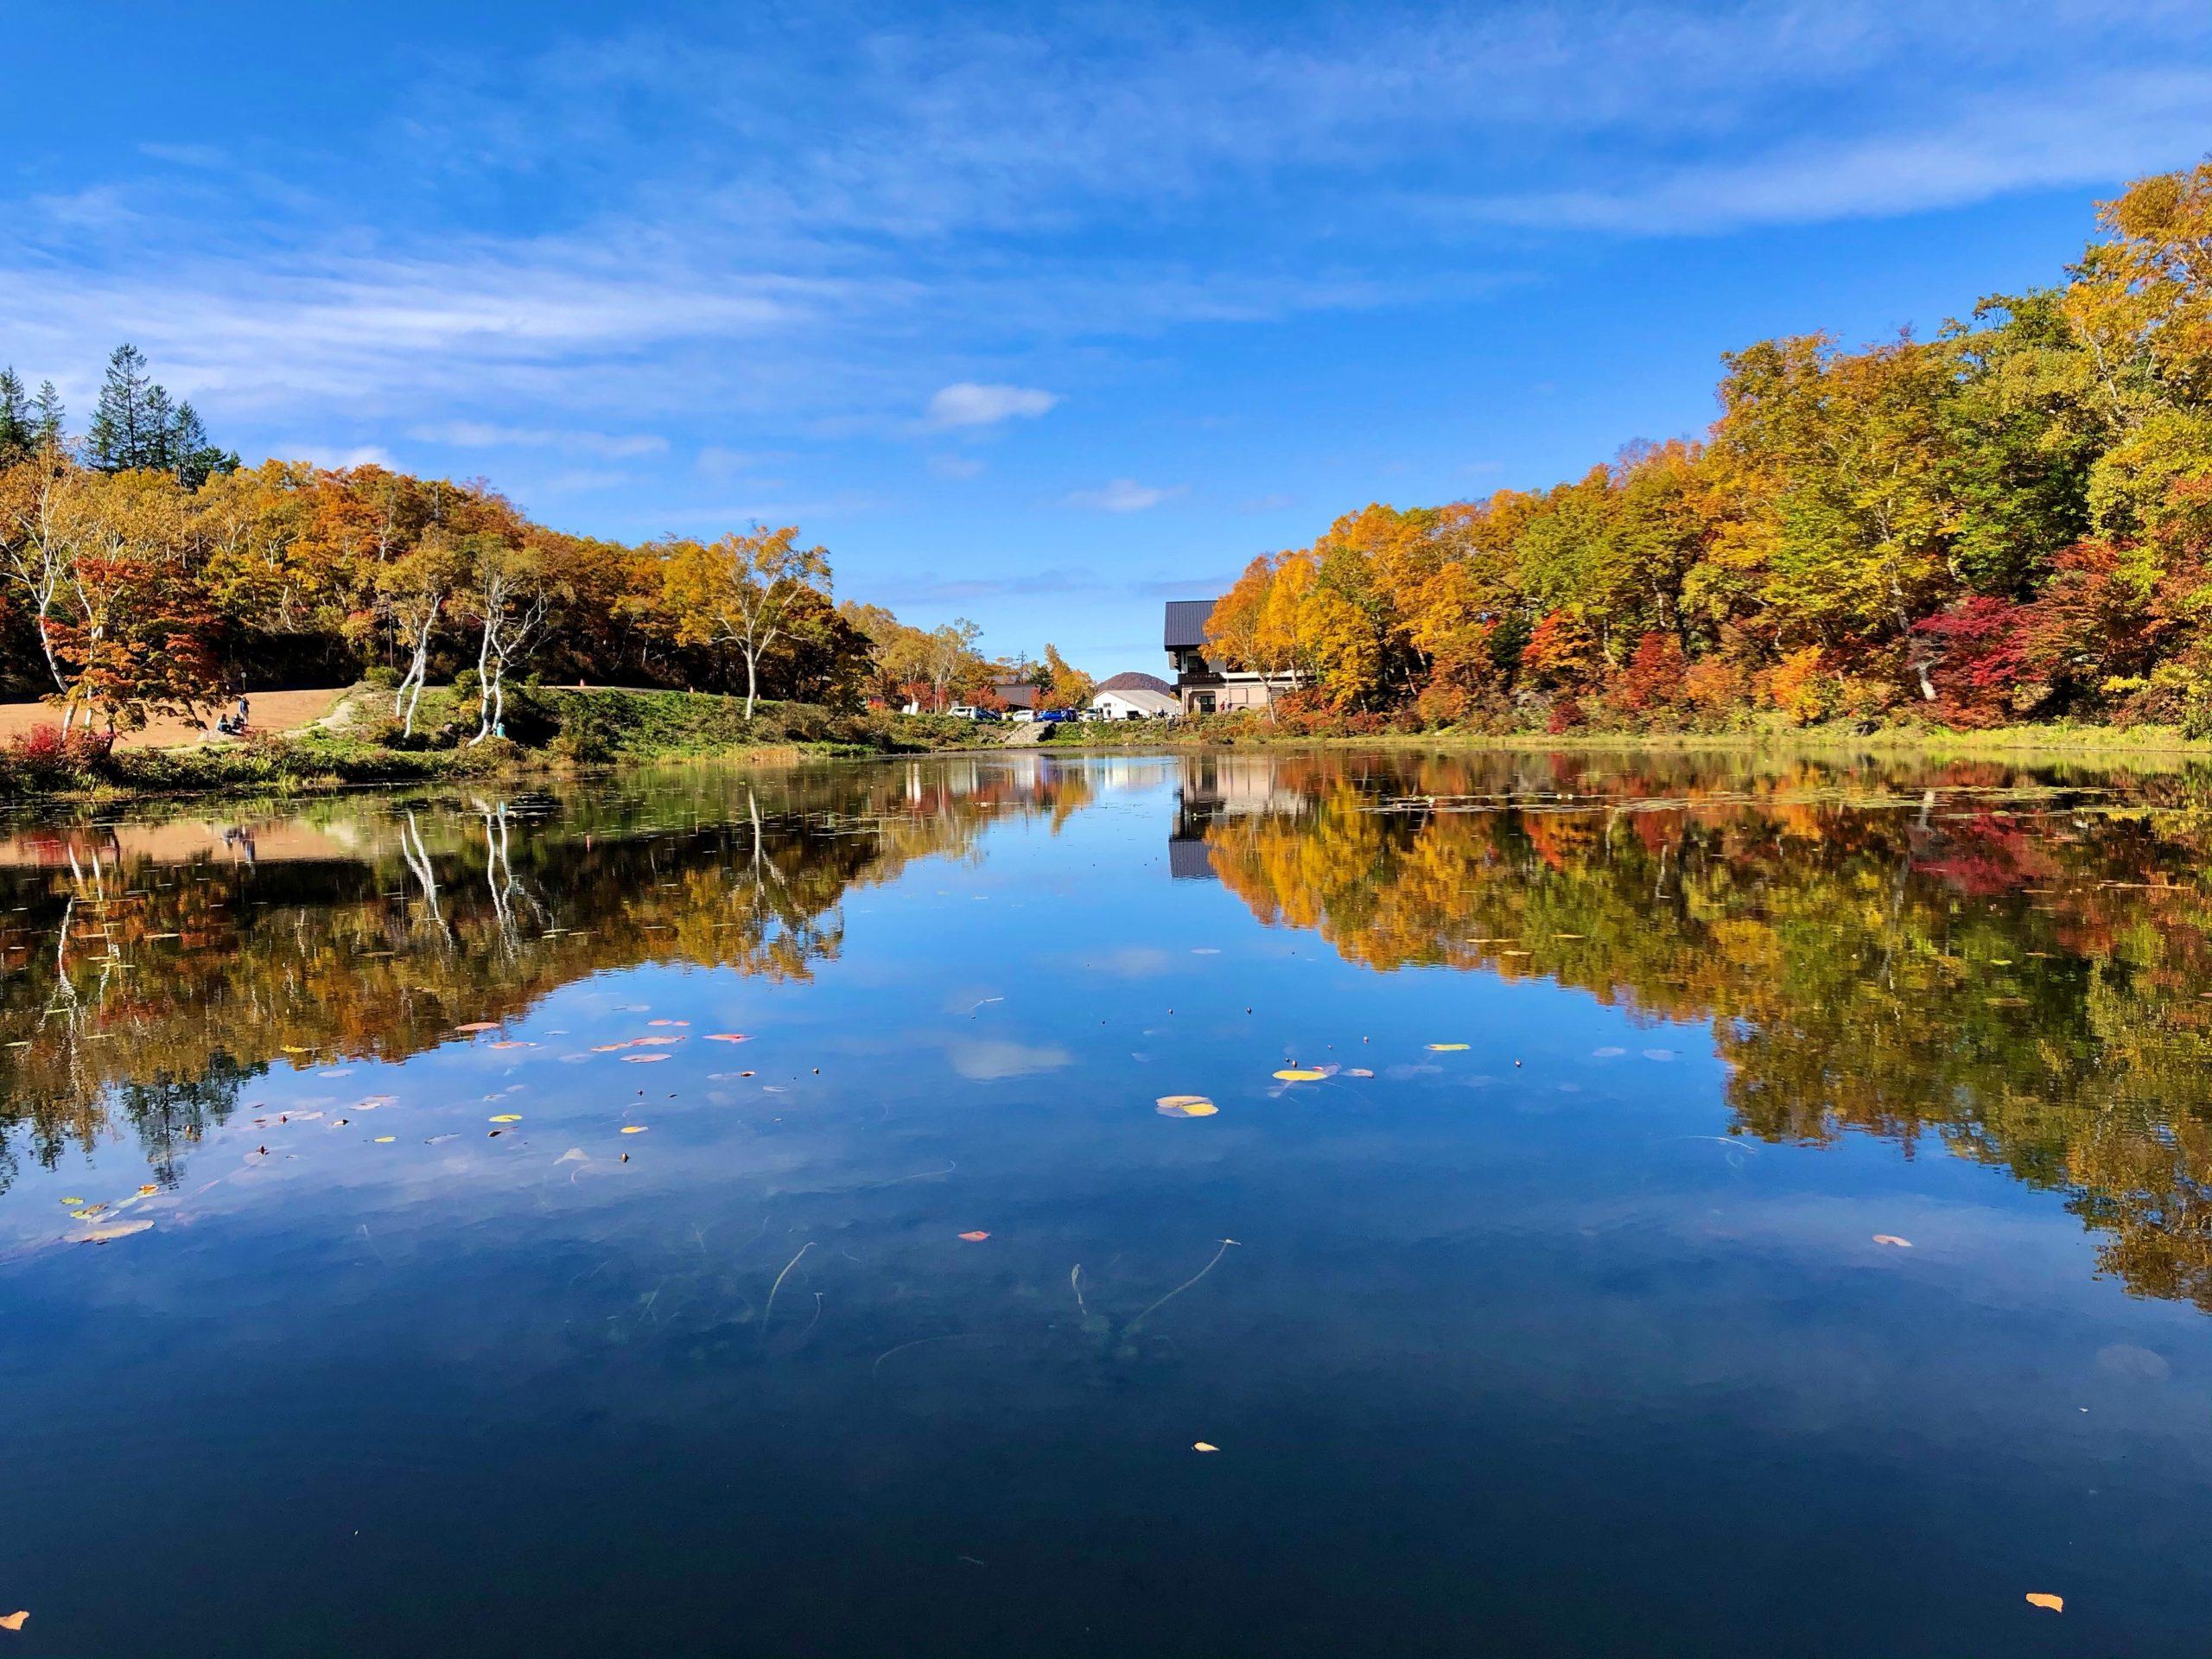 志賀高原の紅葉 2020/10/16-Autumn leaves-